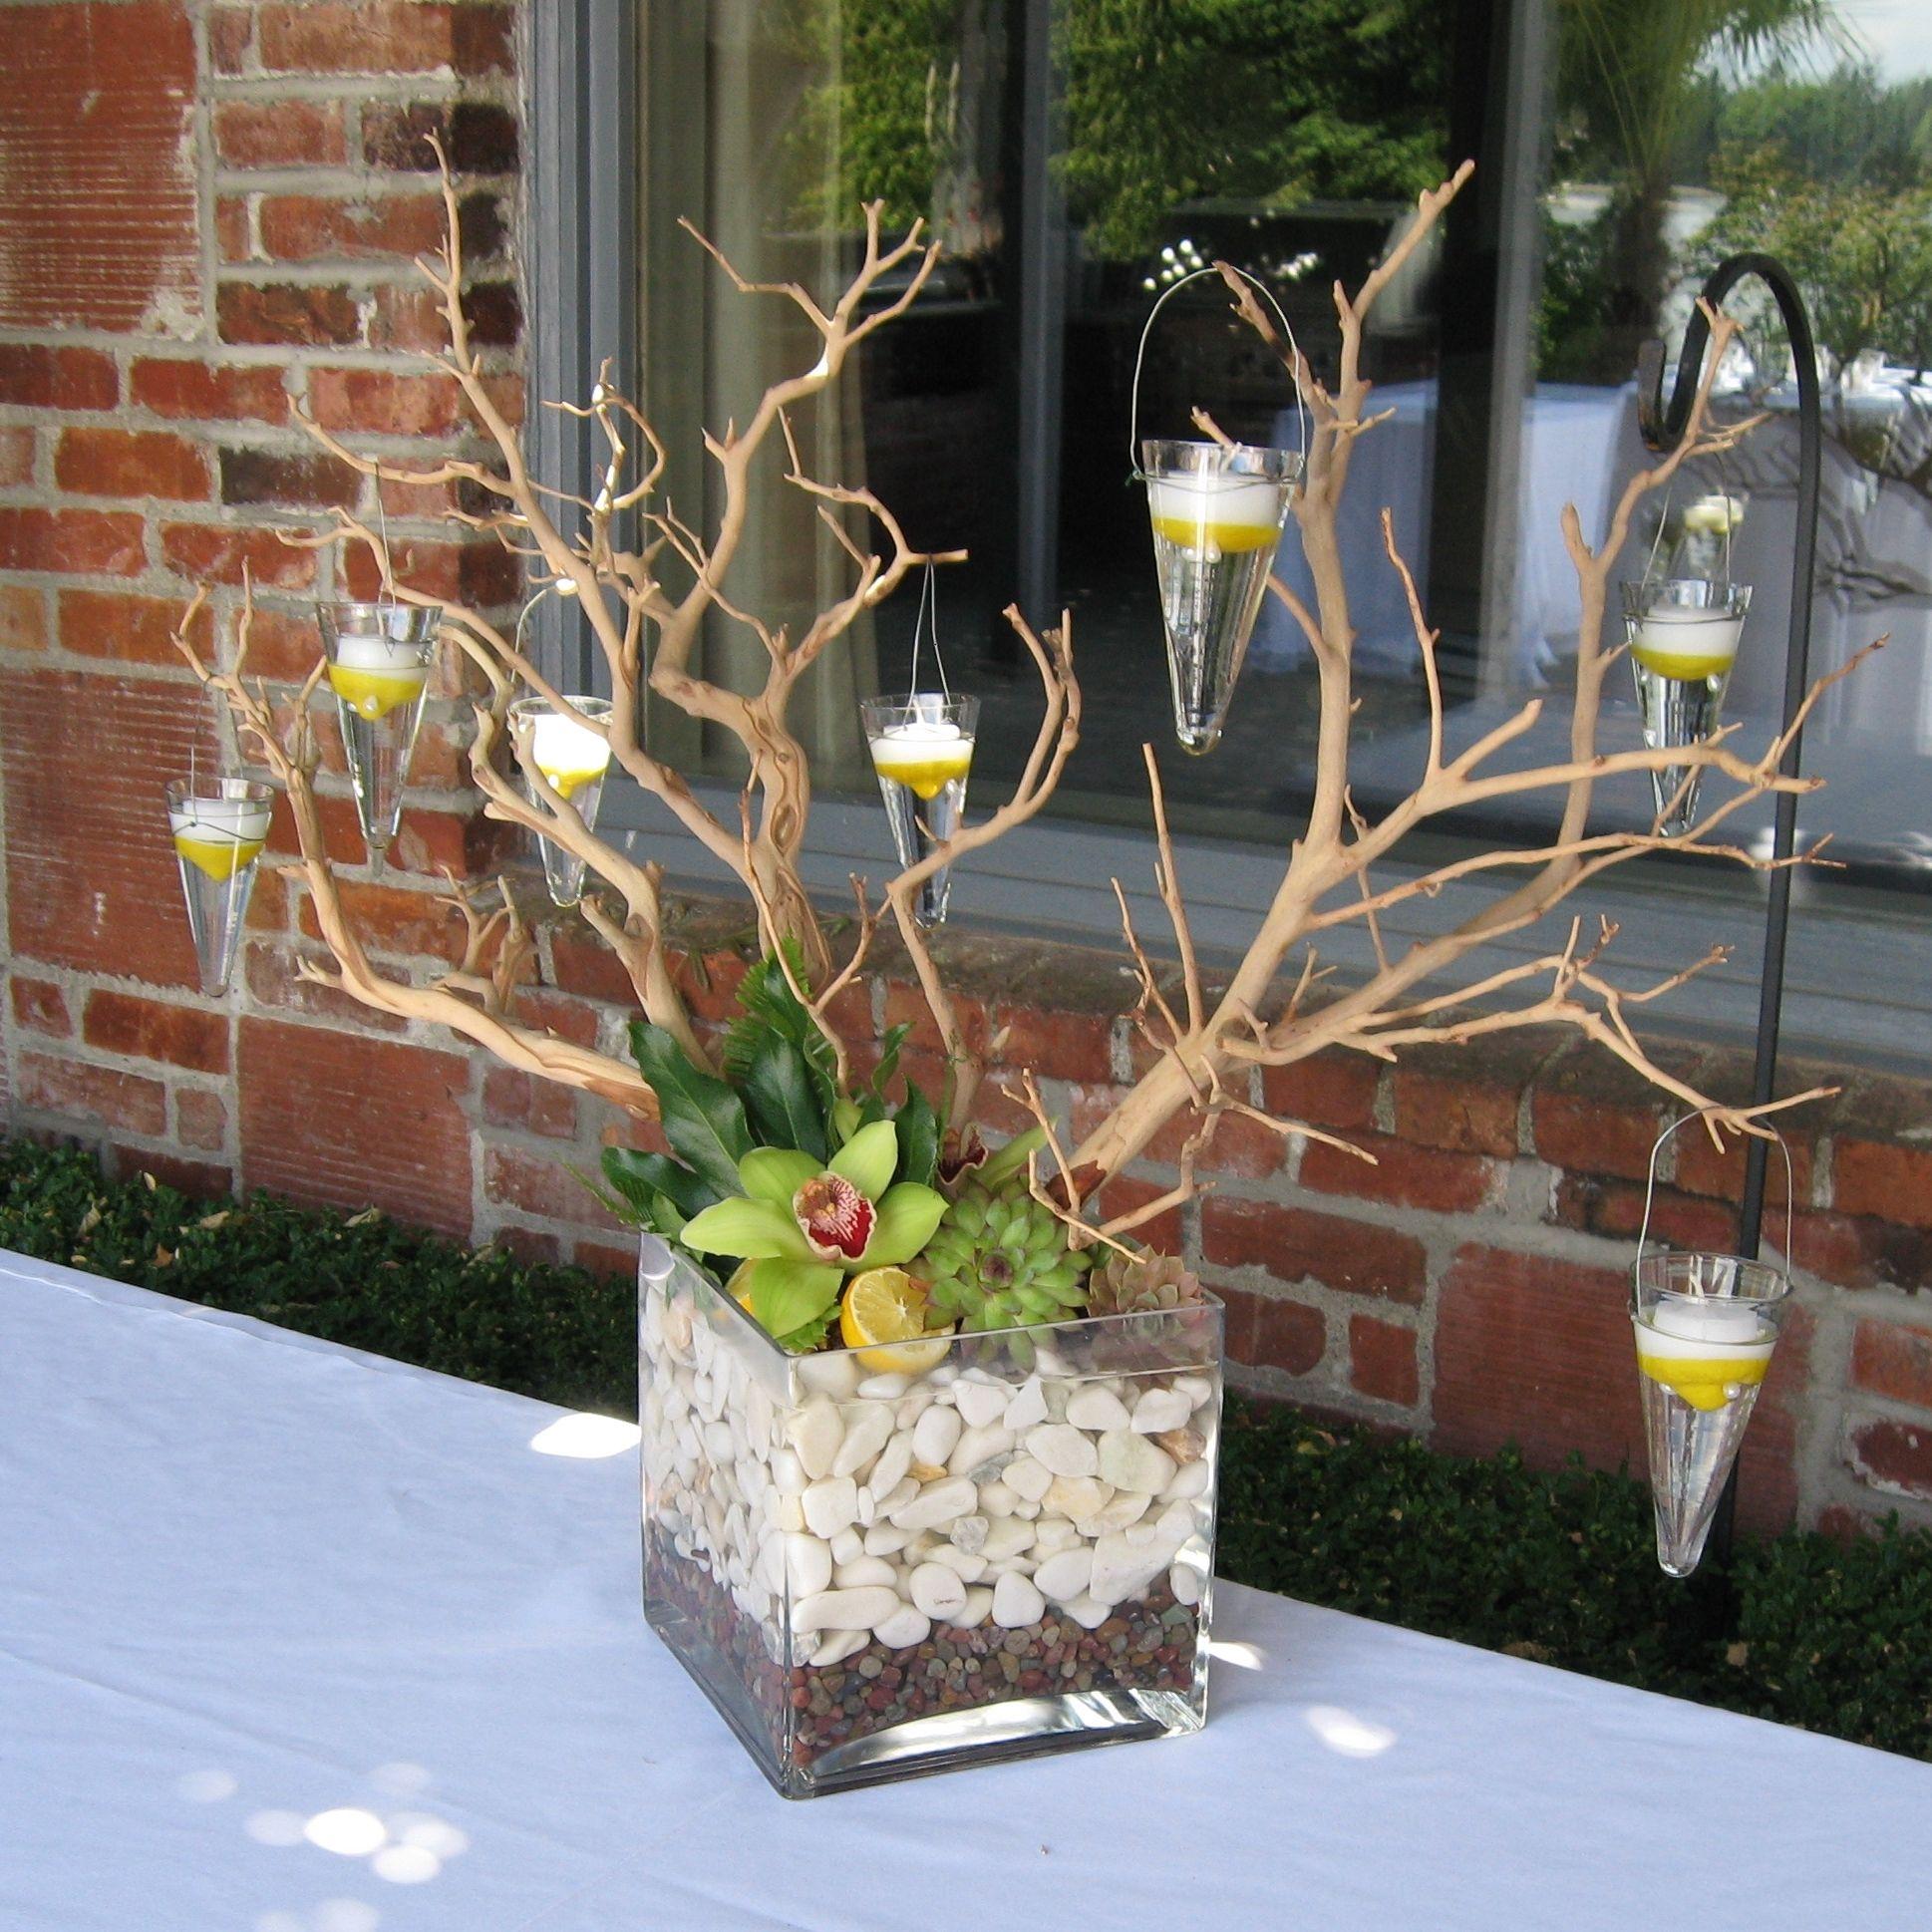 Buffet floral arrangement with a manzanita branch with for Floral arrangements with branches